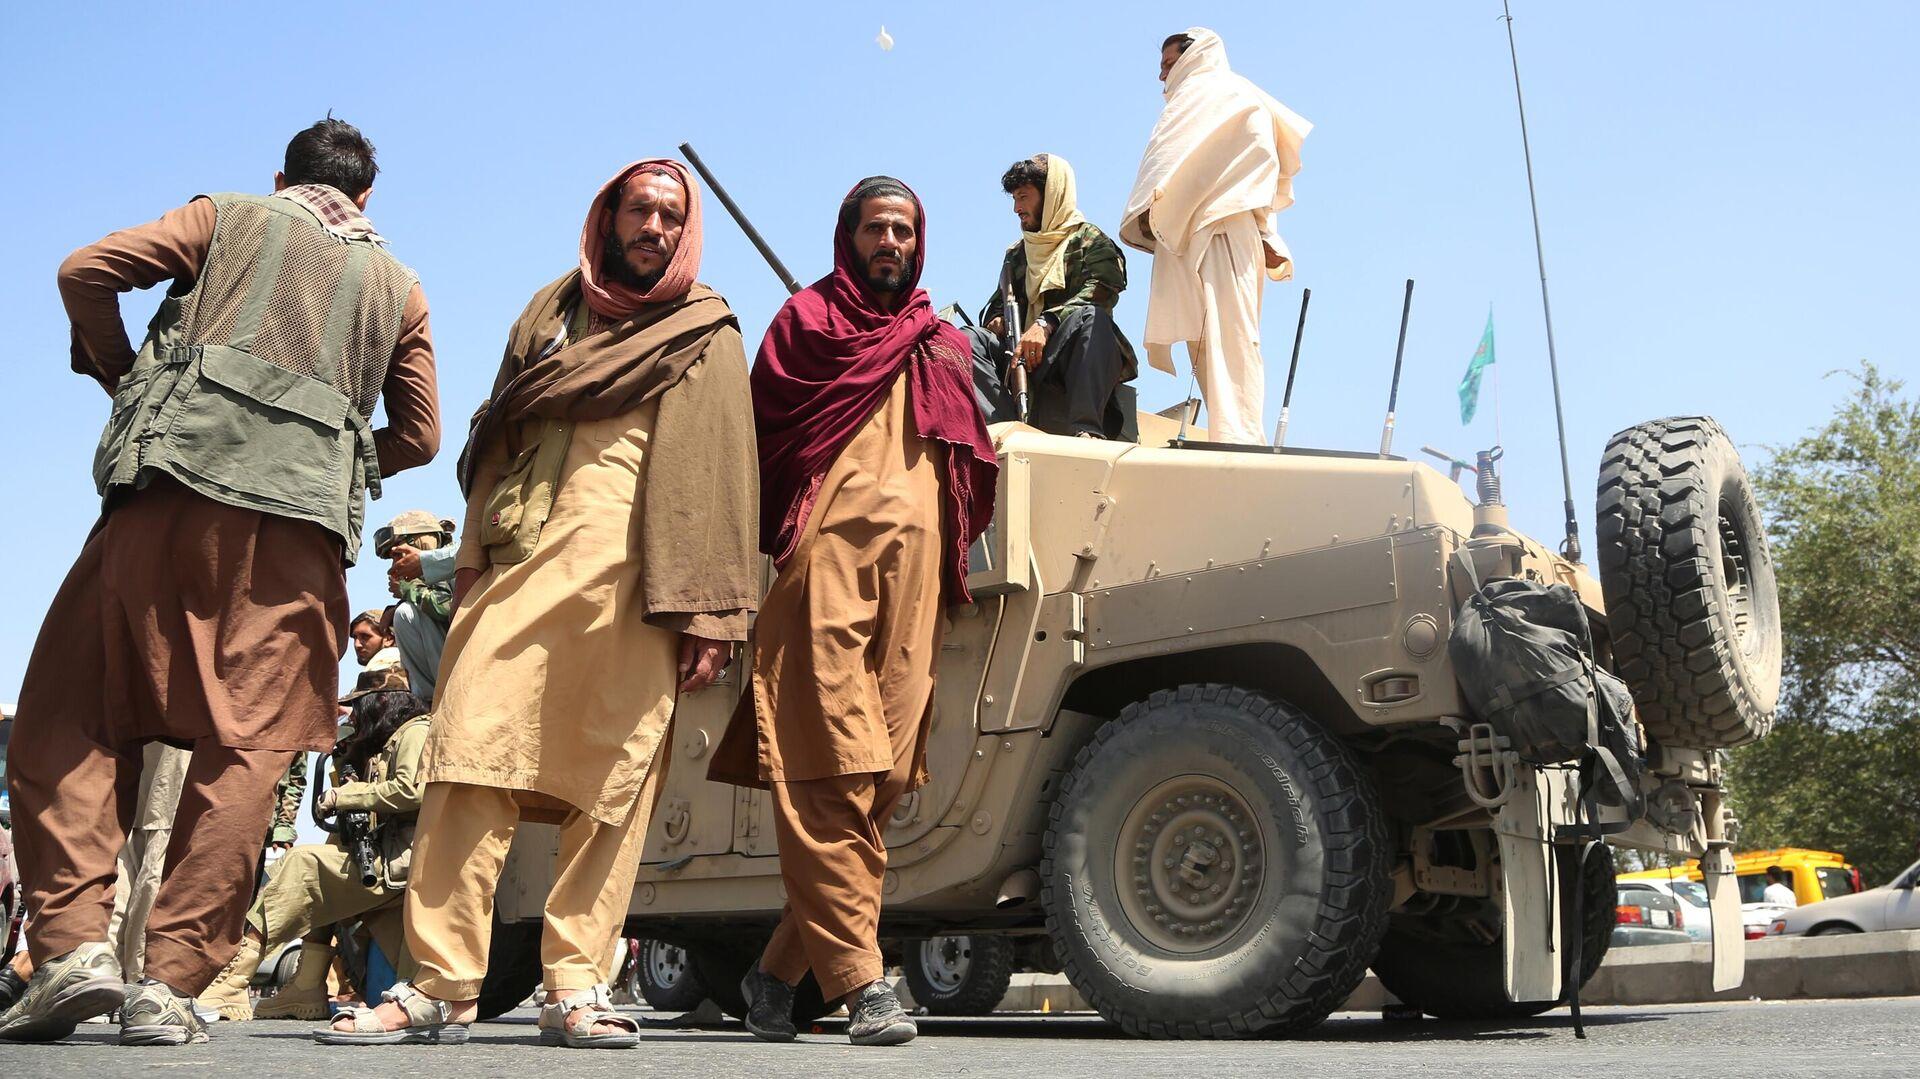 Боевики движения Талибан (террористическая организация, запрещена в России) в Кабуле - РИА Новости, 1920, 16.08.2021